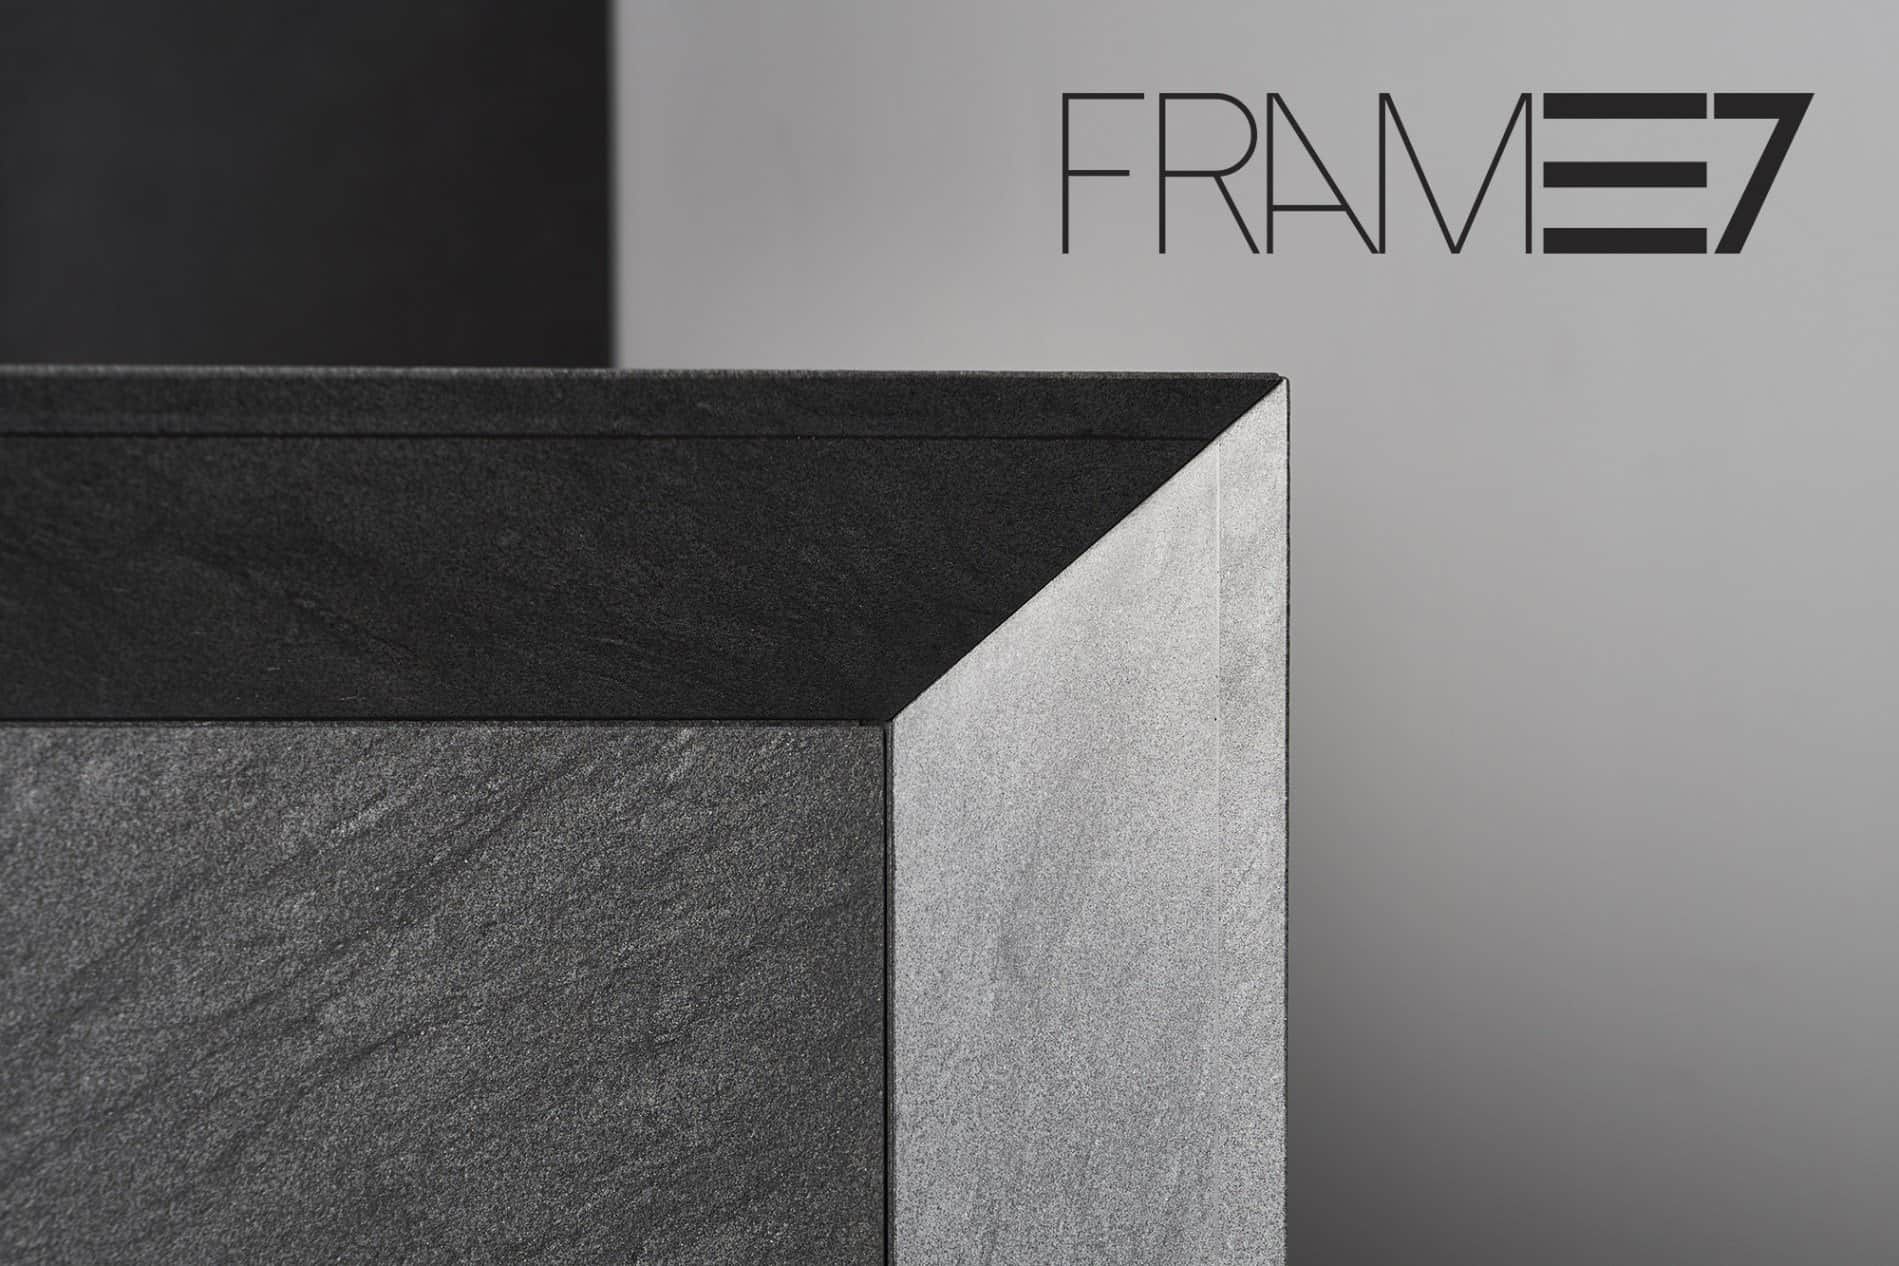 FRAME7